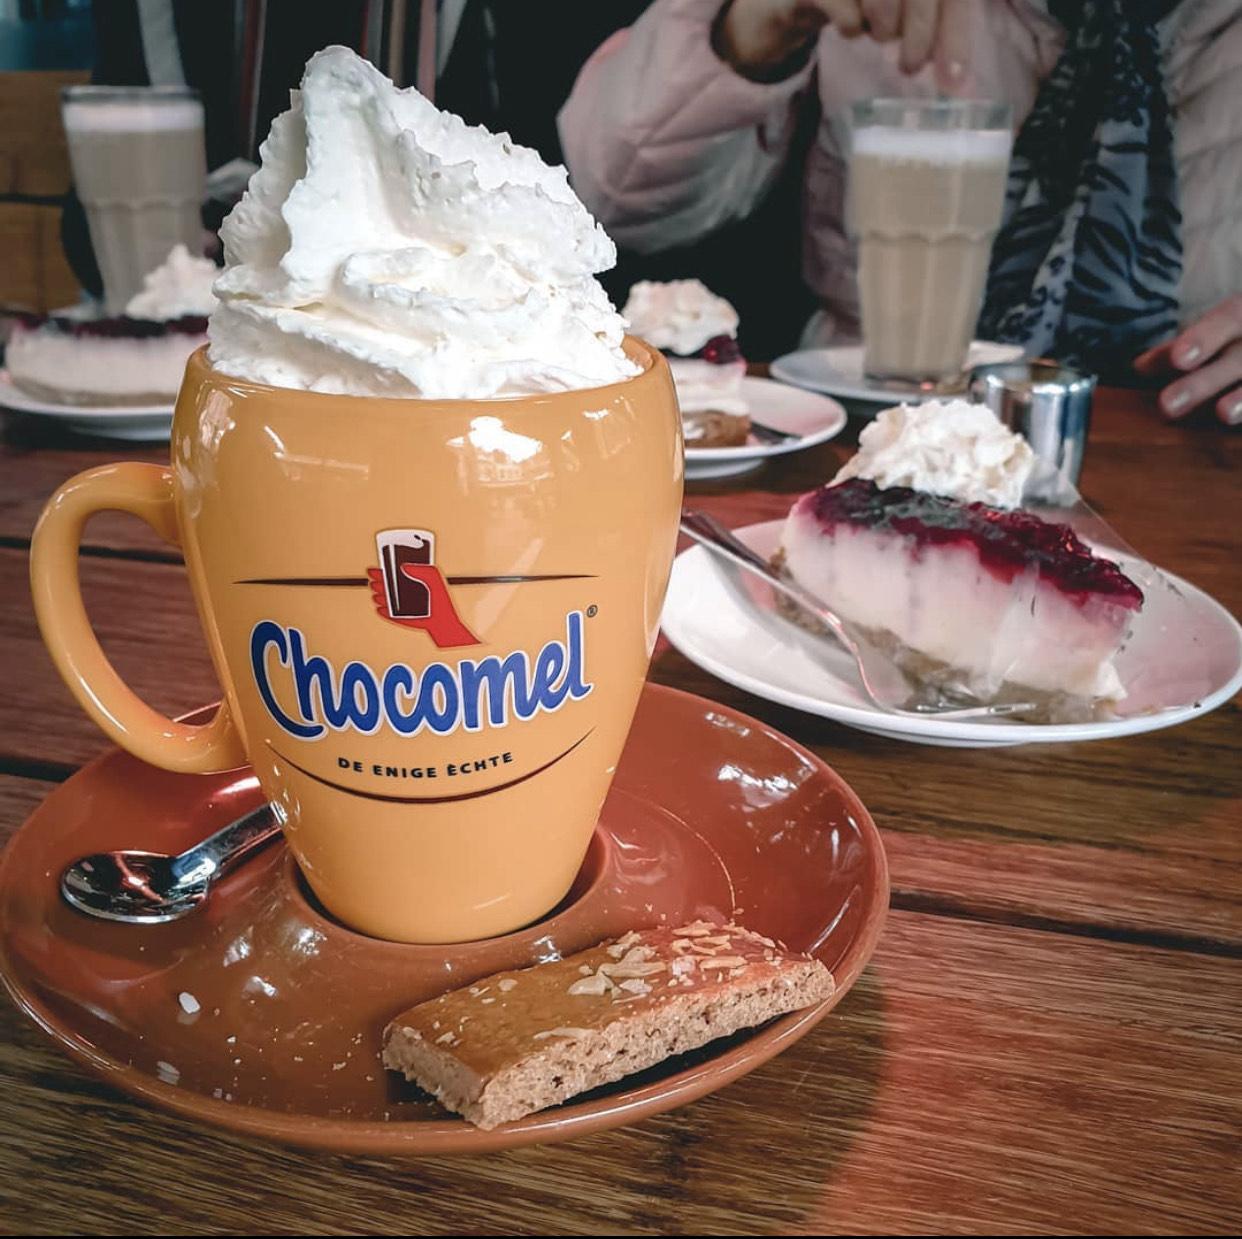 [Kaufland] Chocomel Schoko Drink - Das Original aus Holland für 1.19€   Mit Sofortrabatt 0.69€ möglich